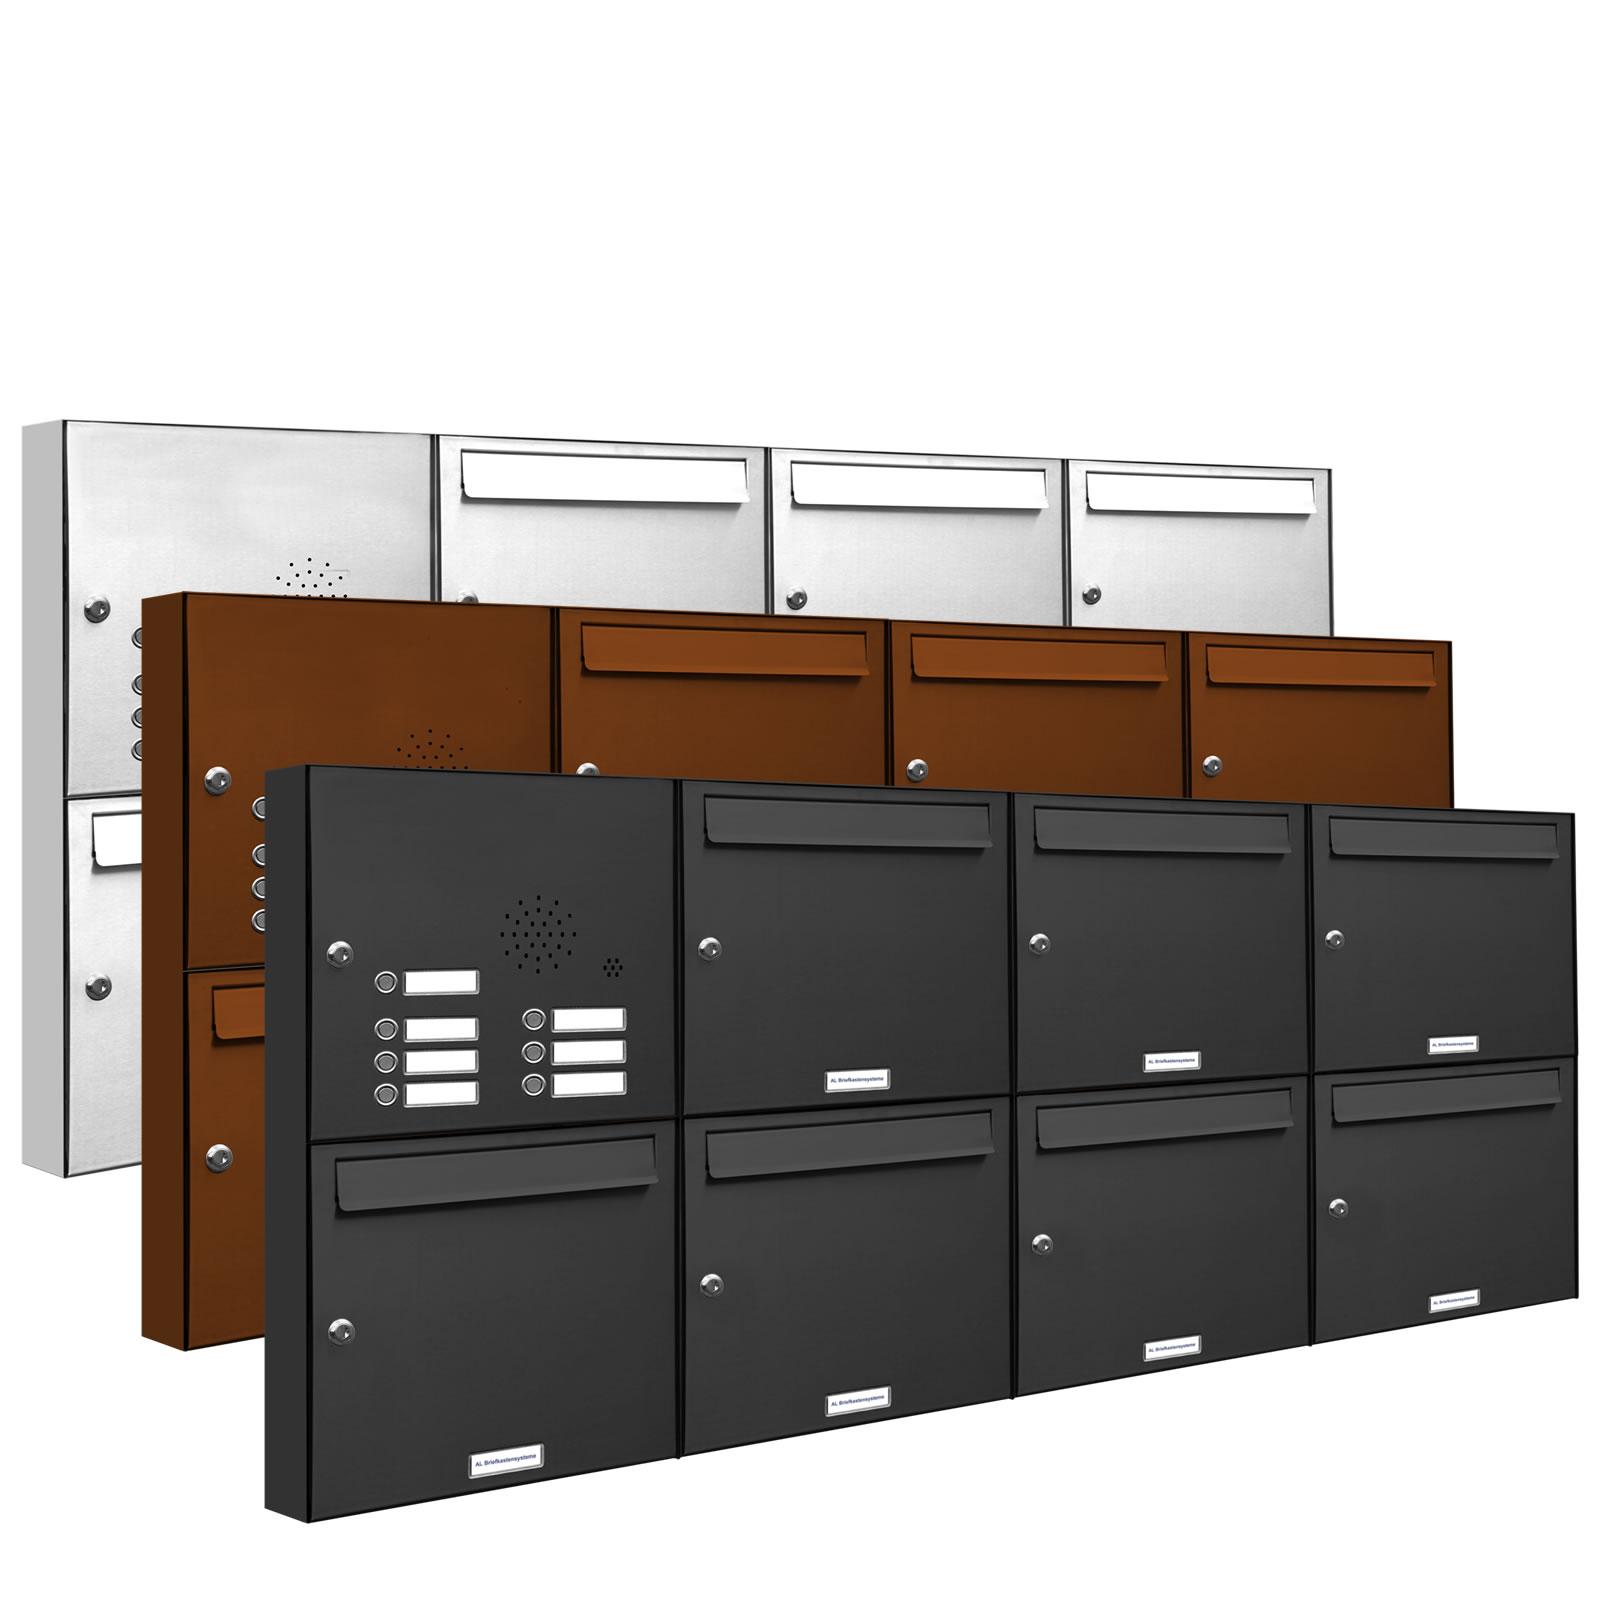 7er-4x2 Elegantes Briefkasten Mit Klingel Dekorationen